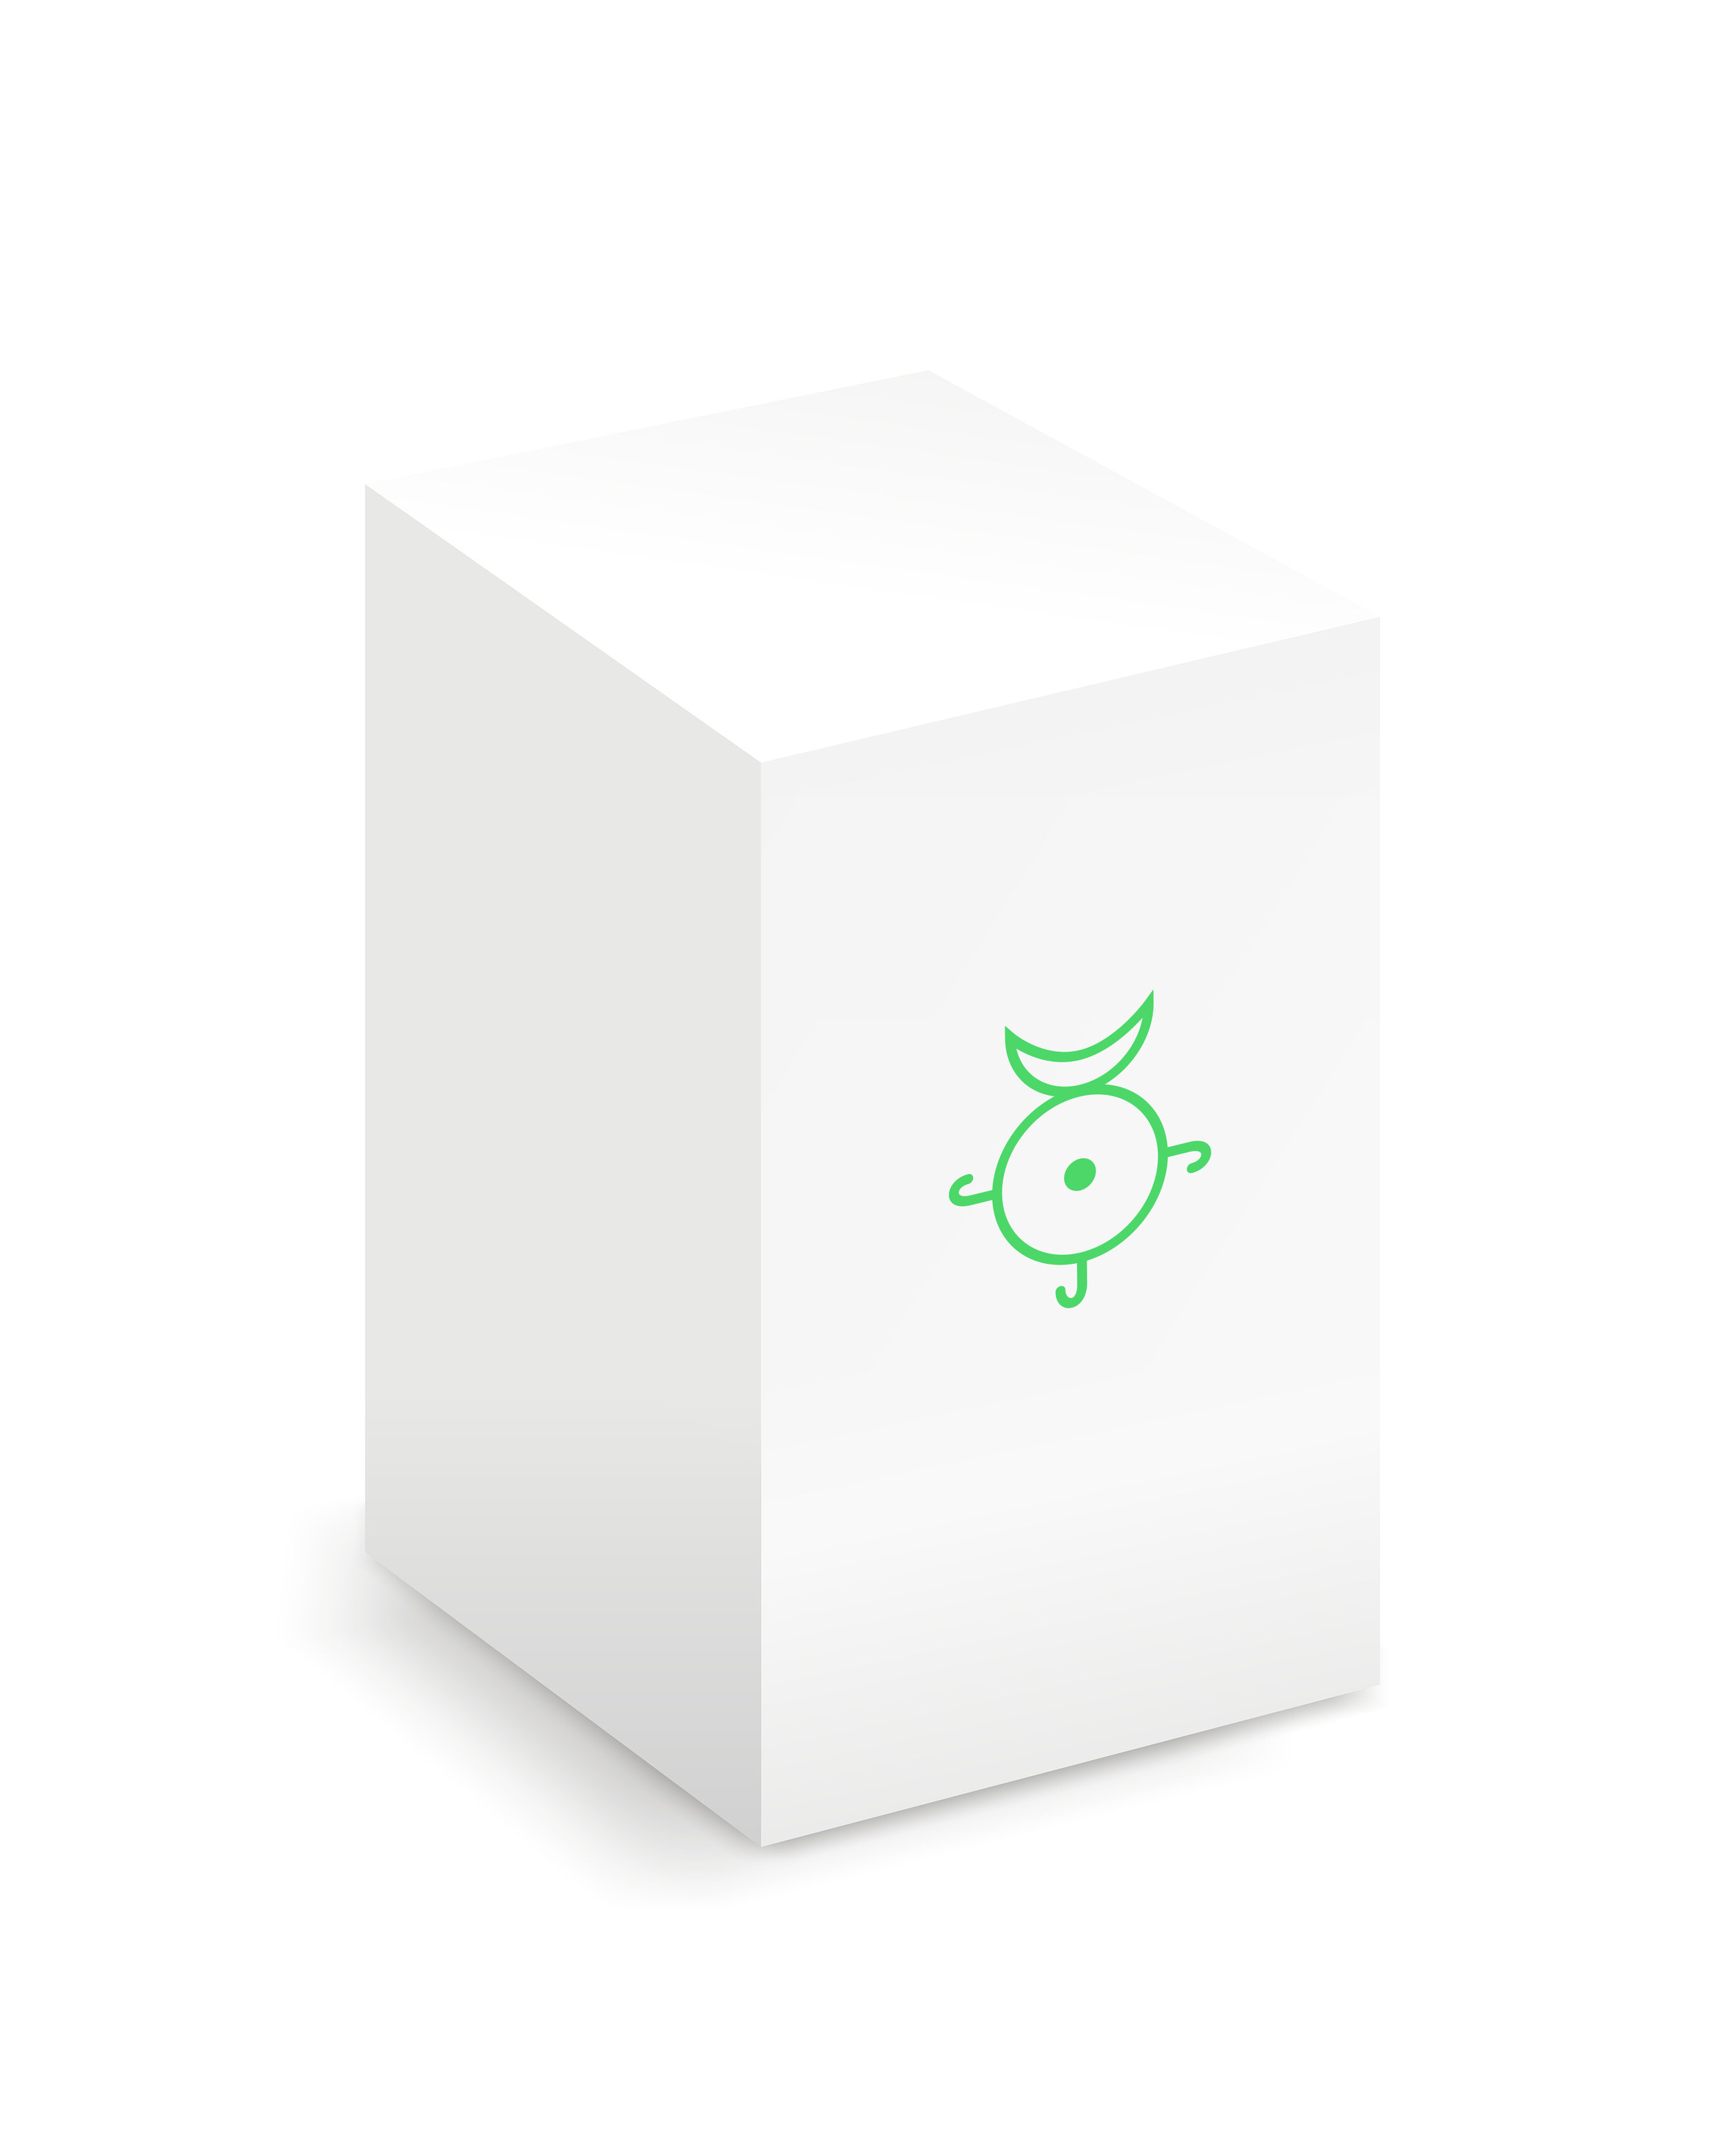 HandBox_02_GREEN-closed.jpg